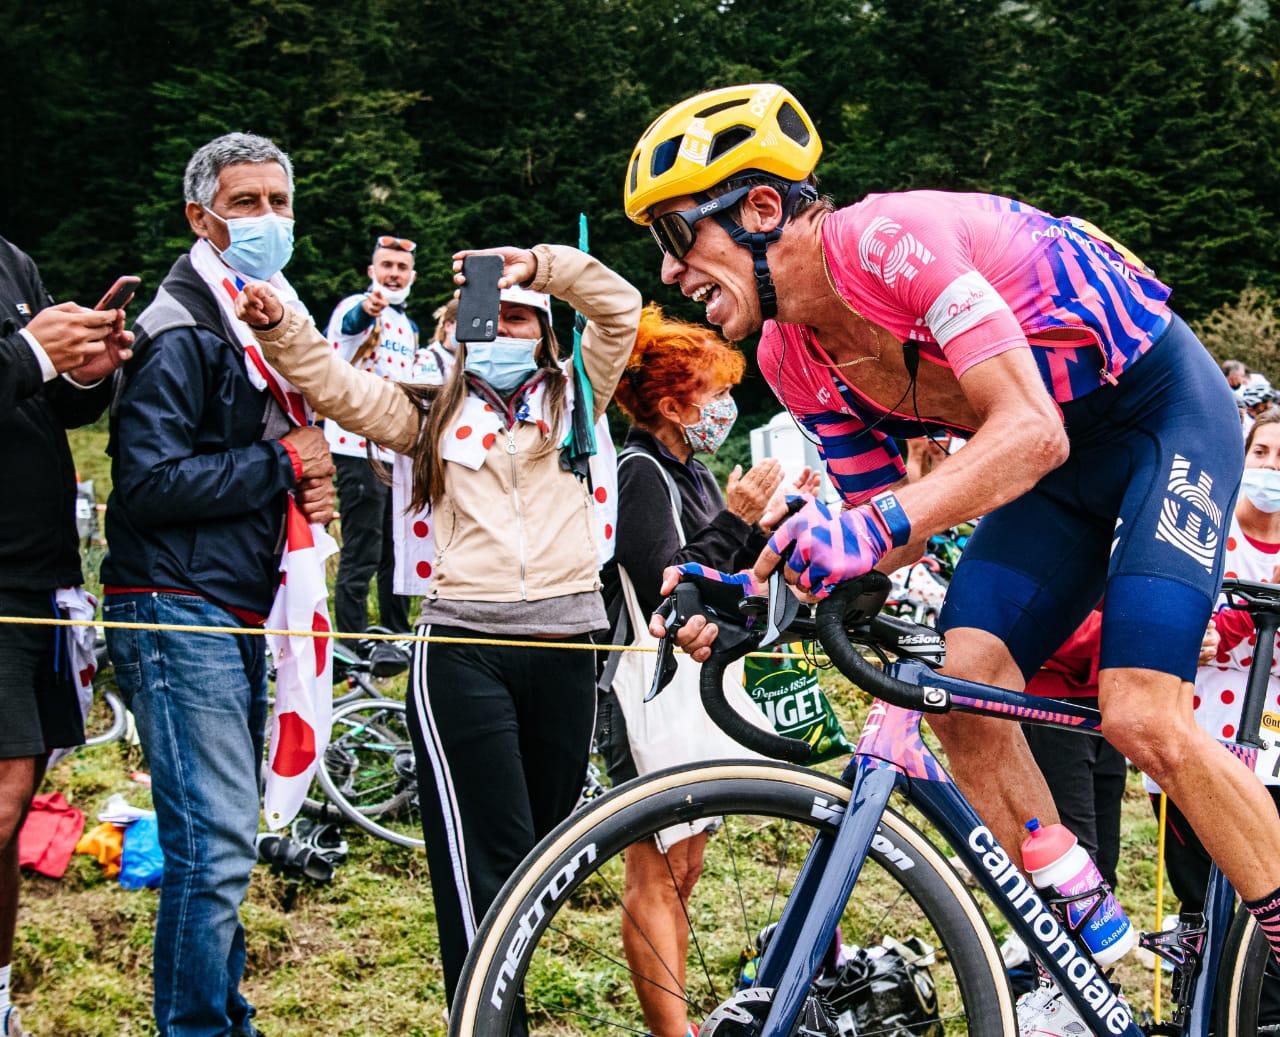 Rigoberto Urán dramático momento etapa 17 Tour de Francia 2020